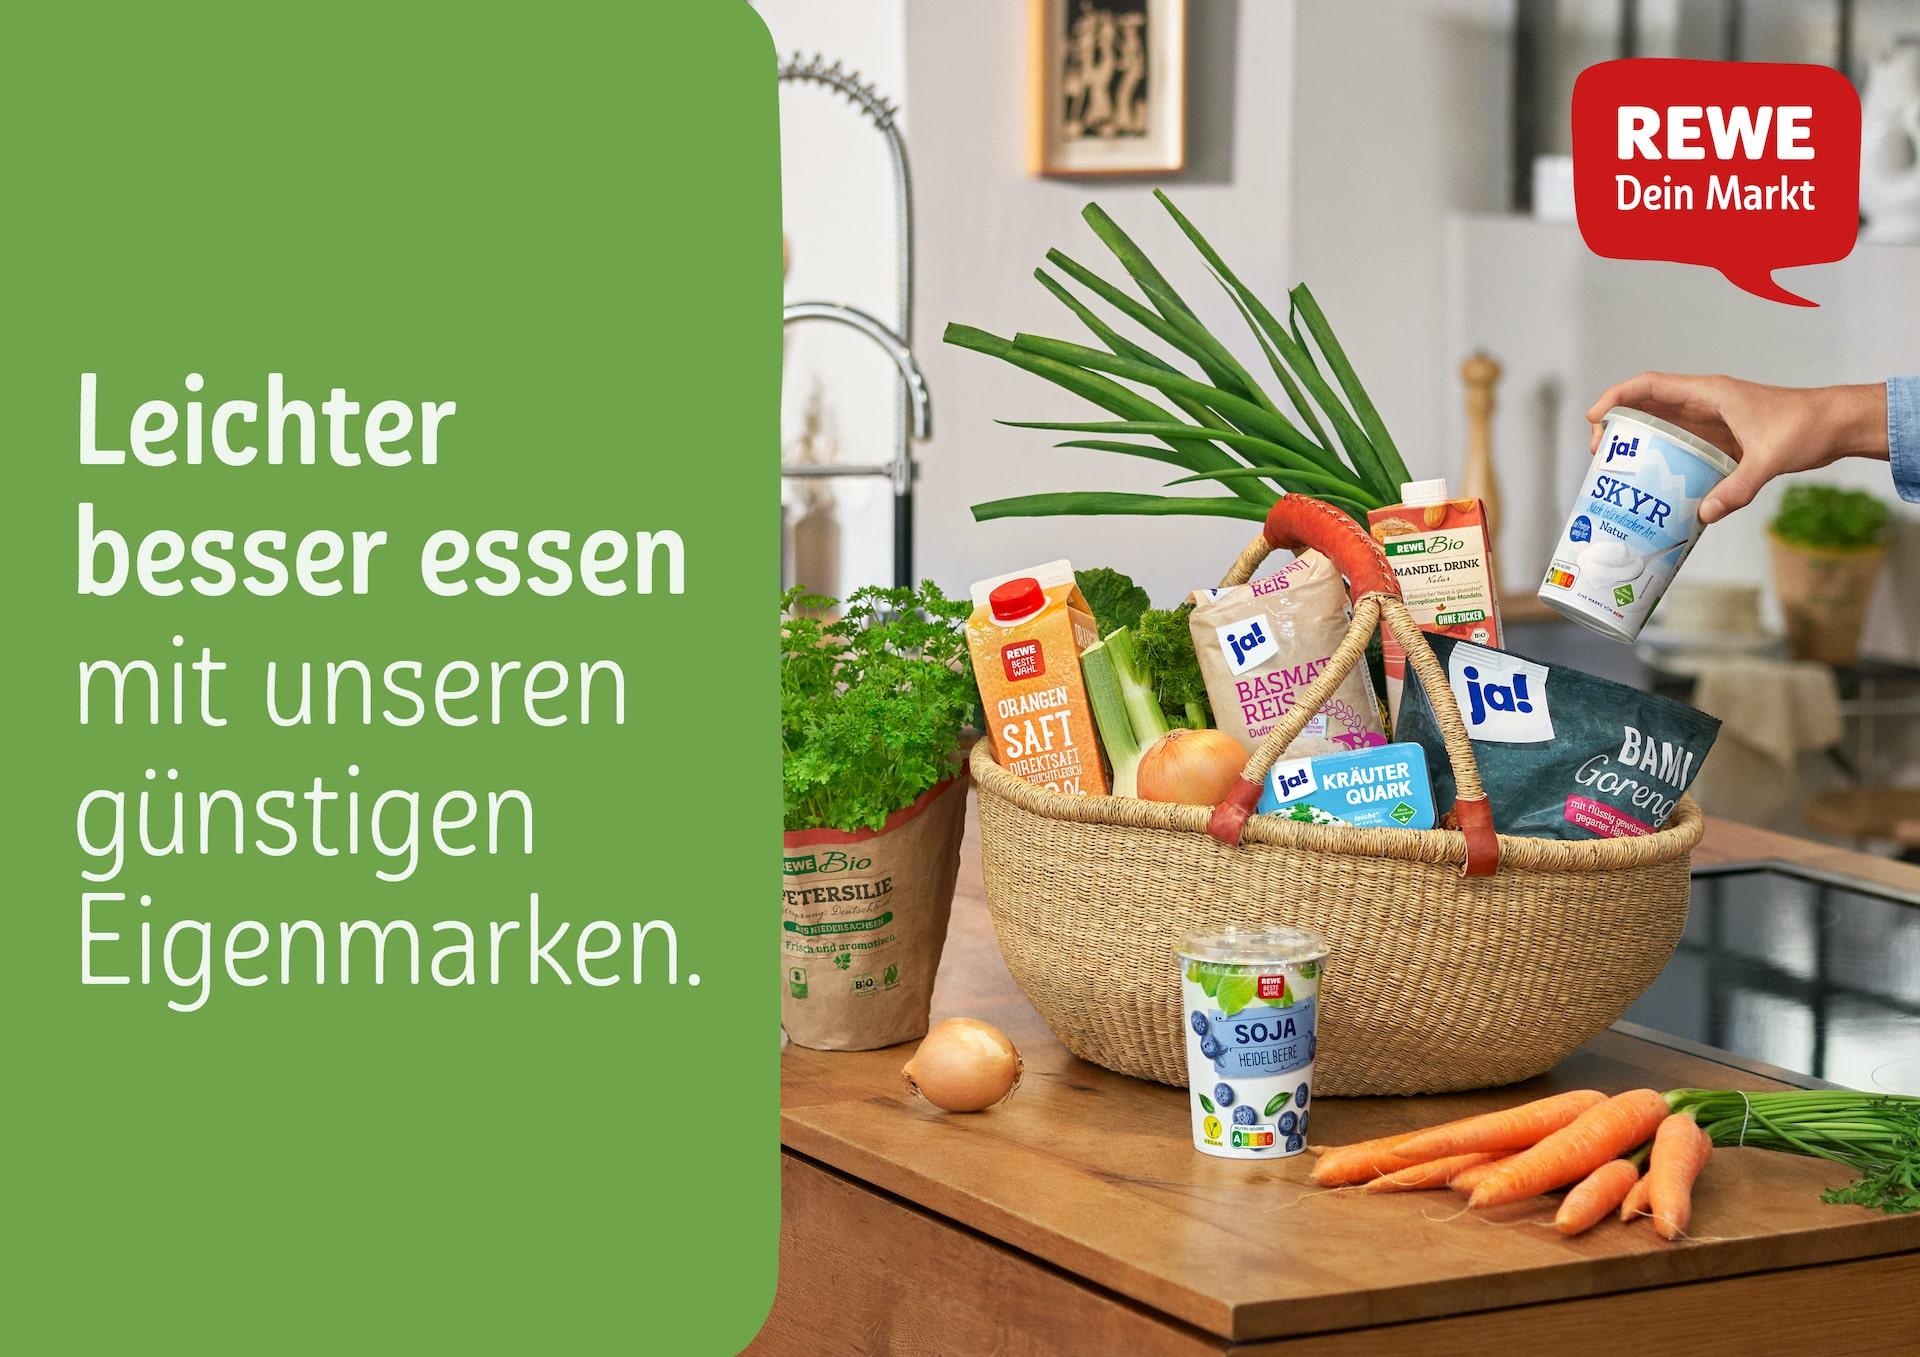 REWE_Q1_Eigenmarken-Max_Threlfall_Greta_Horsch